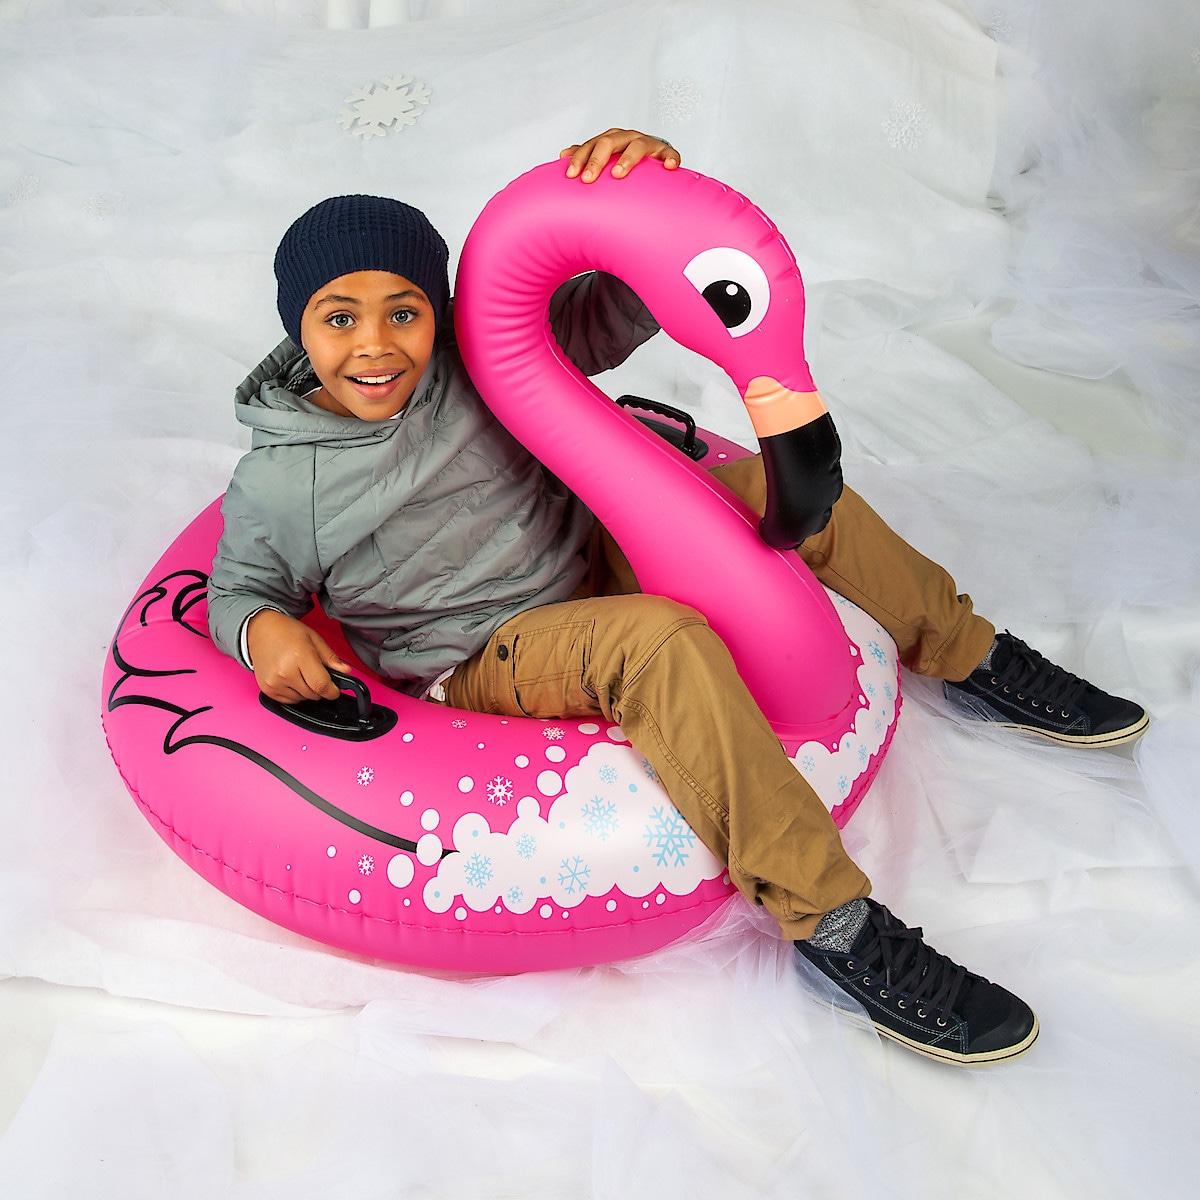 Snow tube, flamingo